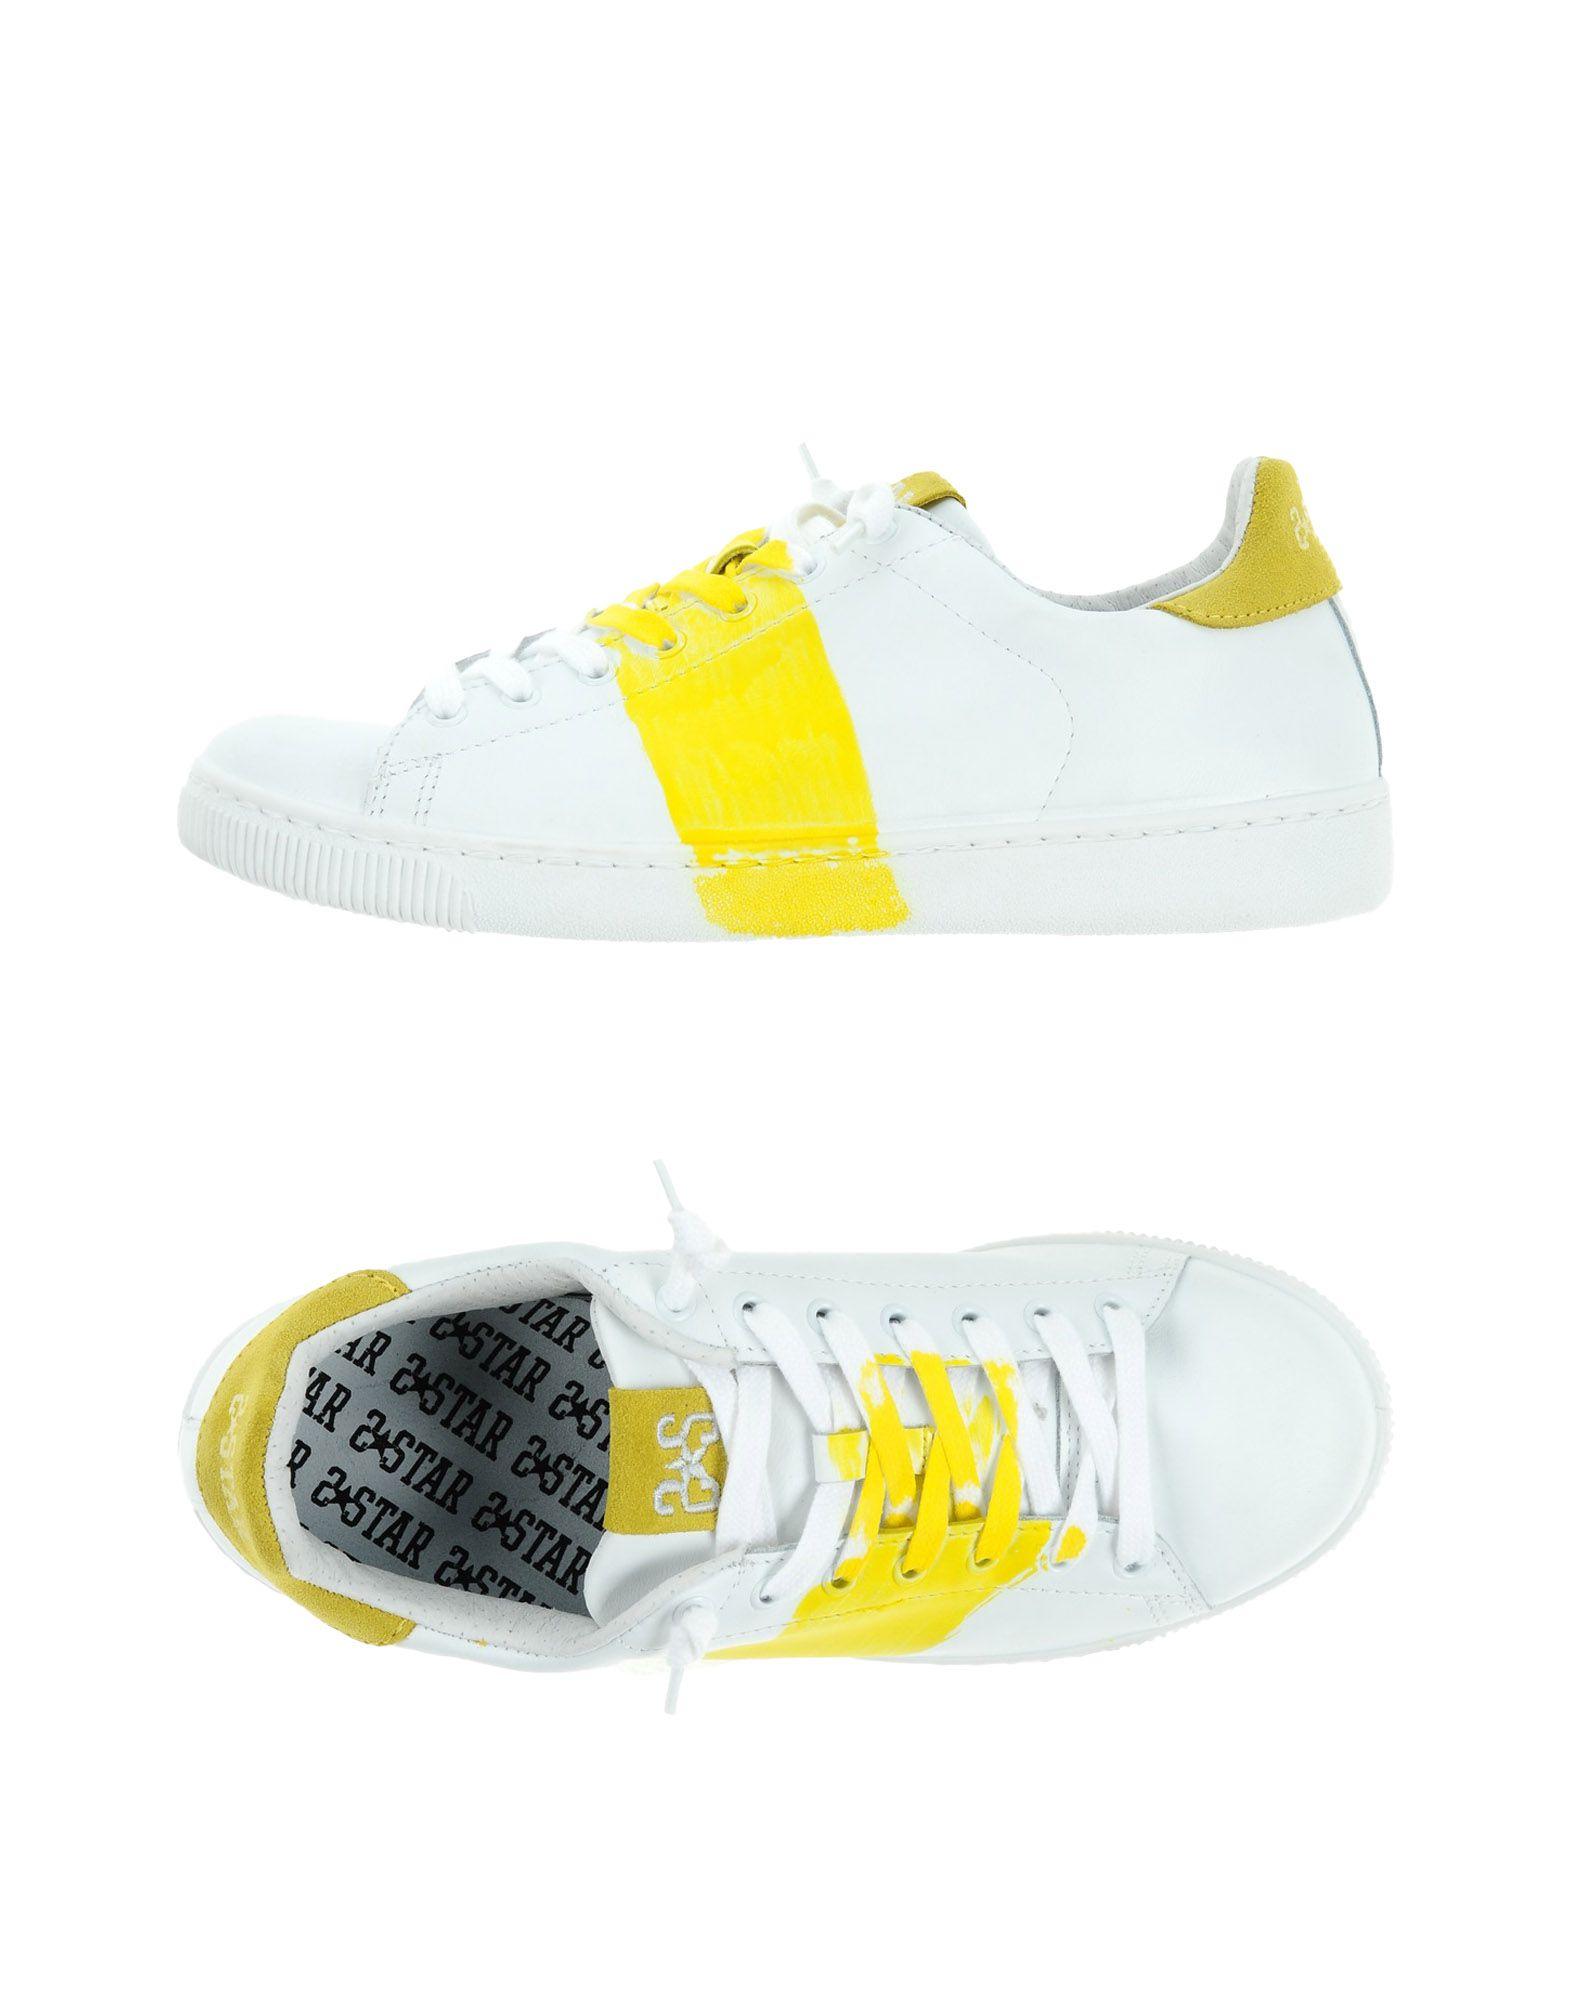 2Star Sneakers Herren  11336749DP Heiße Schuhe Schuhe Heiße e85188